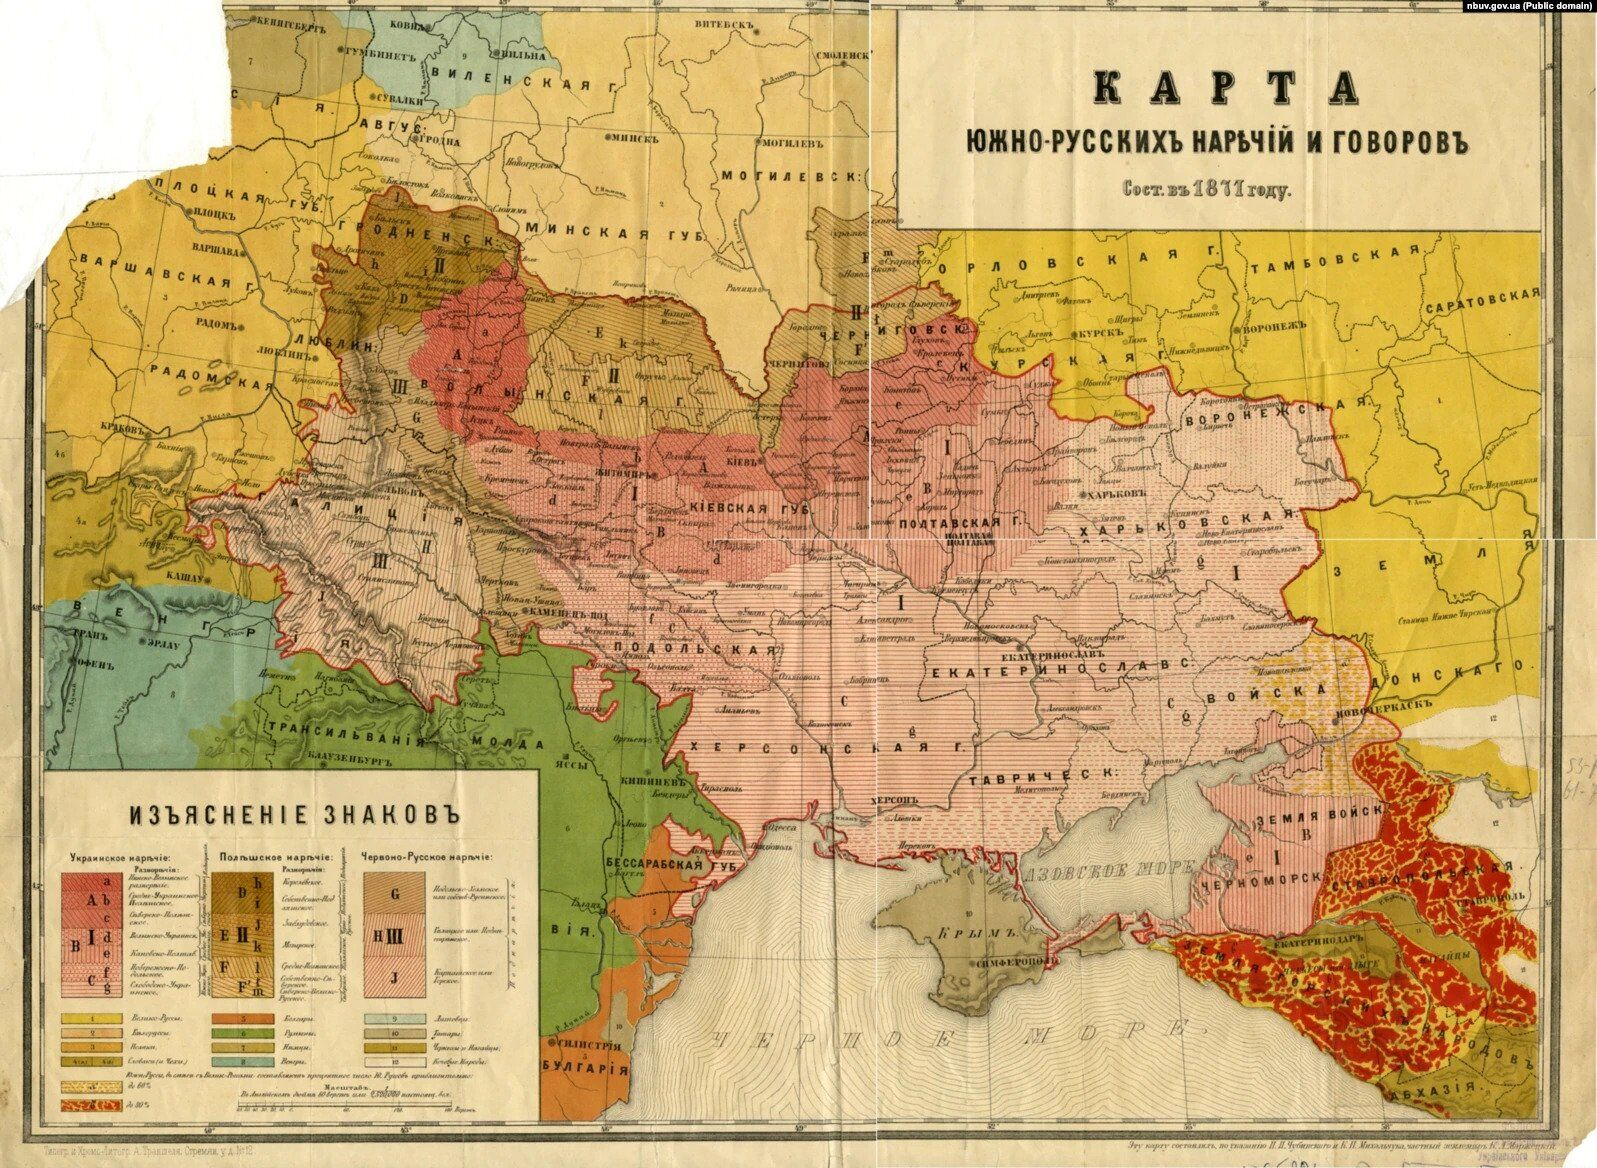 Диалектическая карта украинского языка по состоянию на 1871 год. Авторы: П. П. Чубинский, К. П. Михальчук и К. Л. Маржецкий